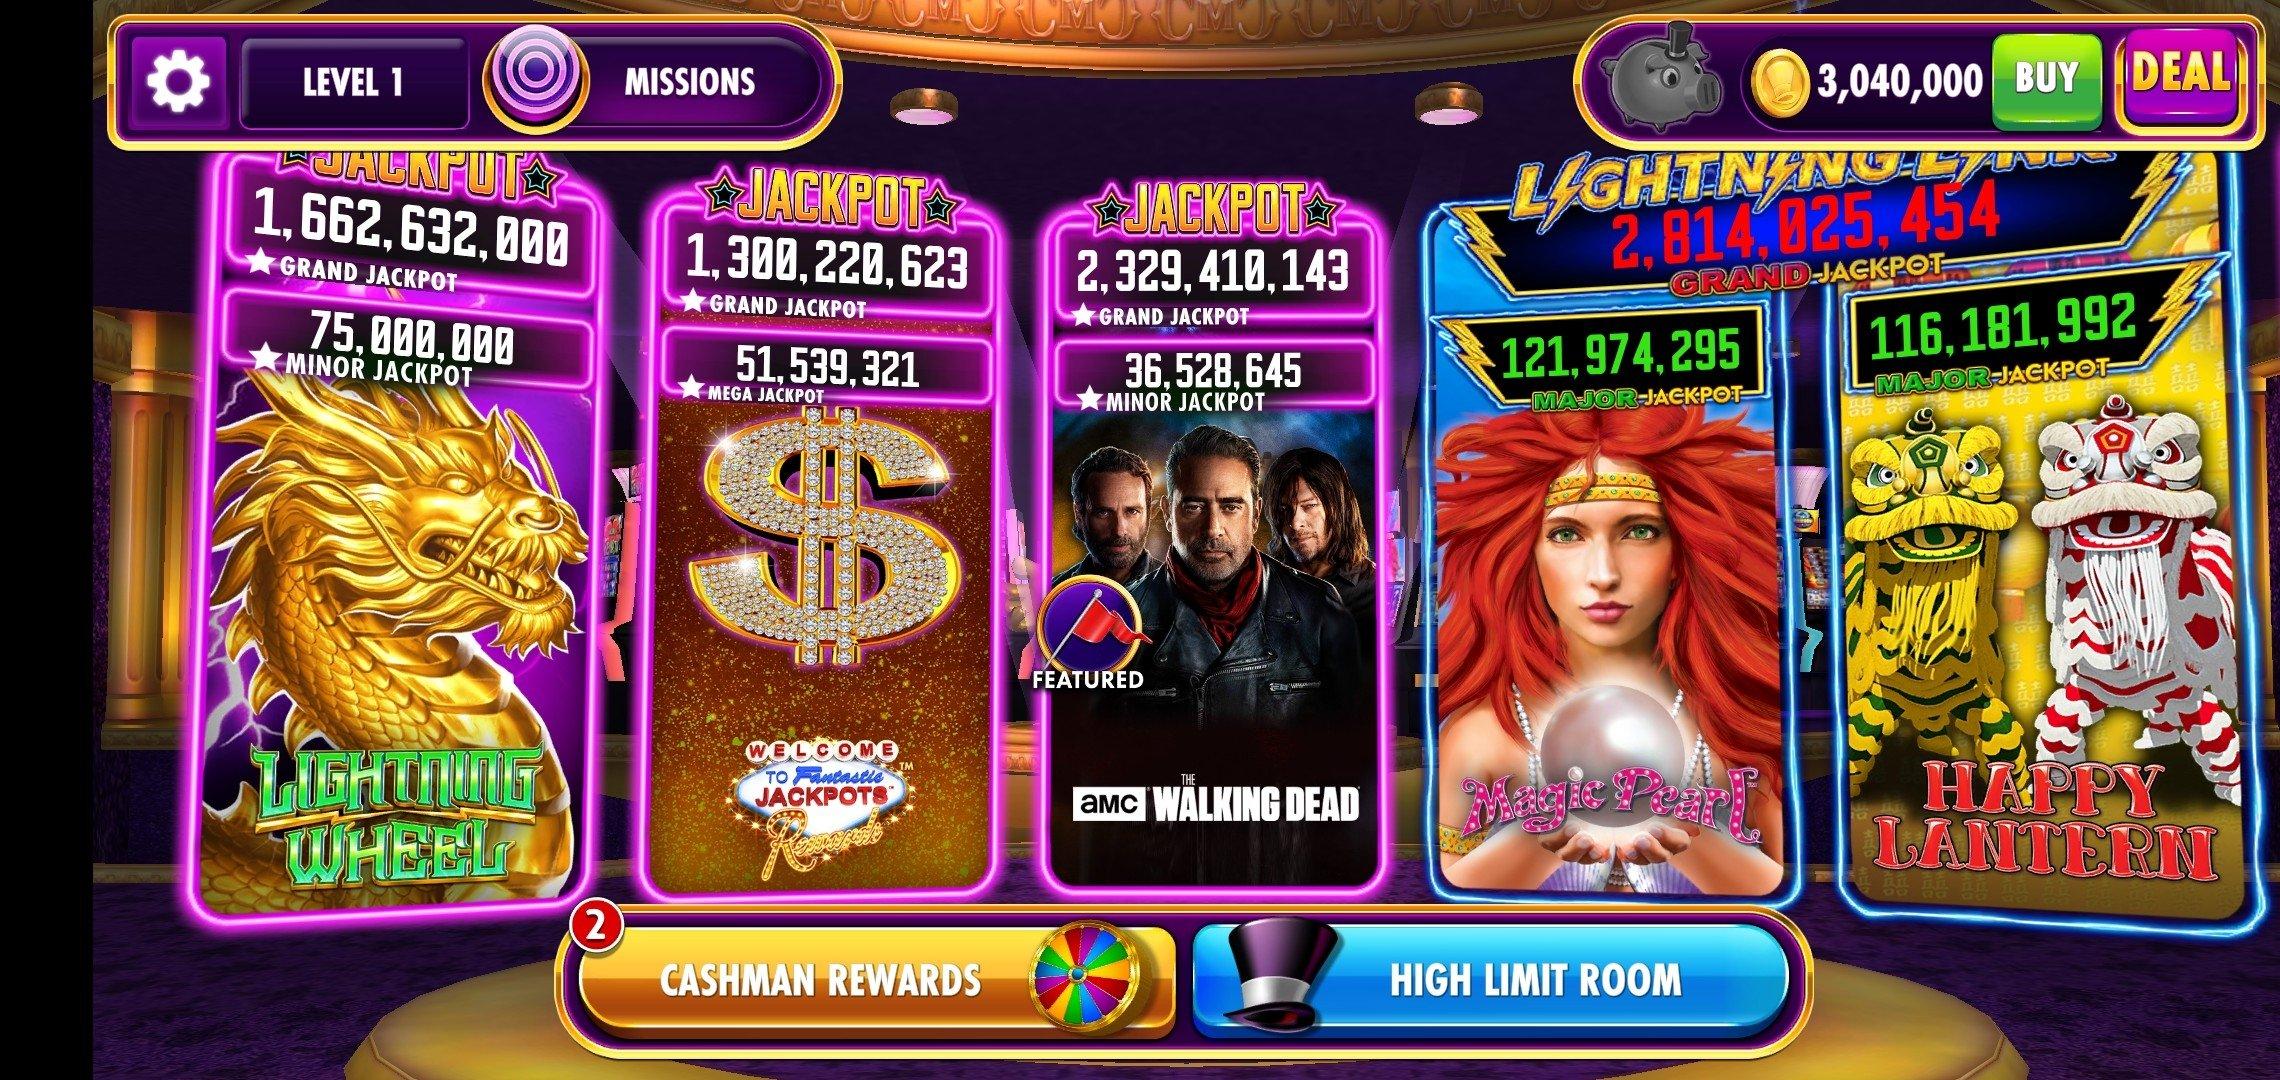 Казино бесплатные игры онлайн скачать игра карты на раздевание в дурака играть